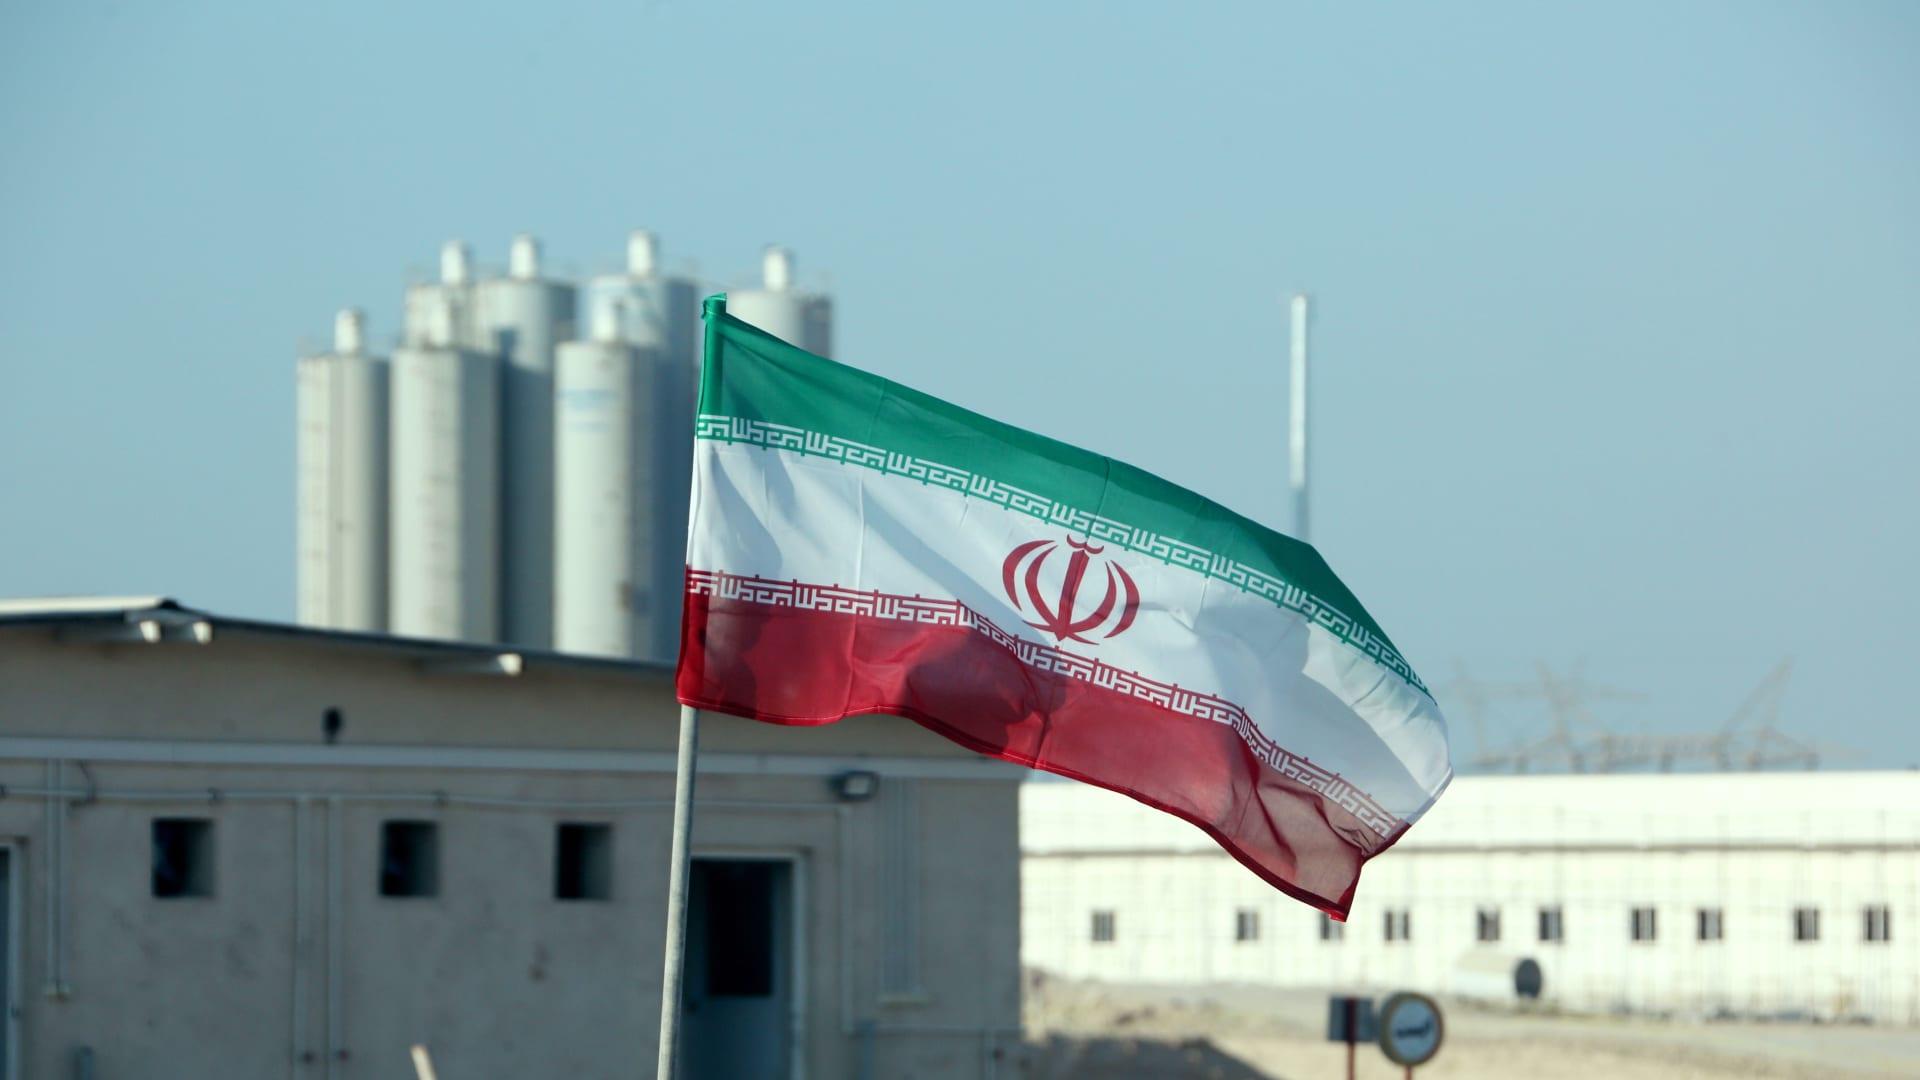 جواد ظريف لـCNN: البرنامج النووي غير قابل للتفاوض وعلى أمريكا الوفاء بوعودها